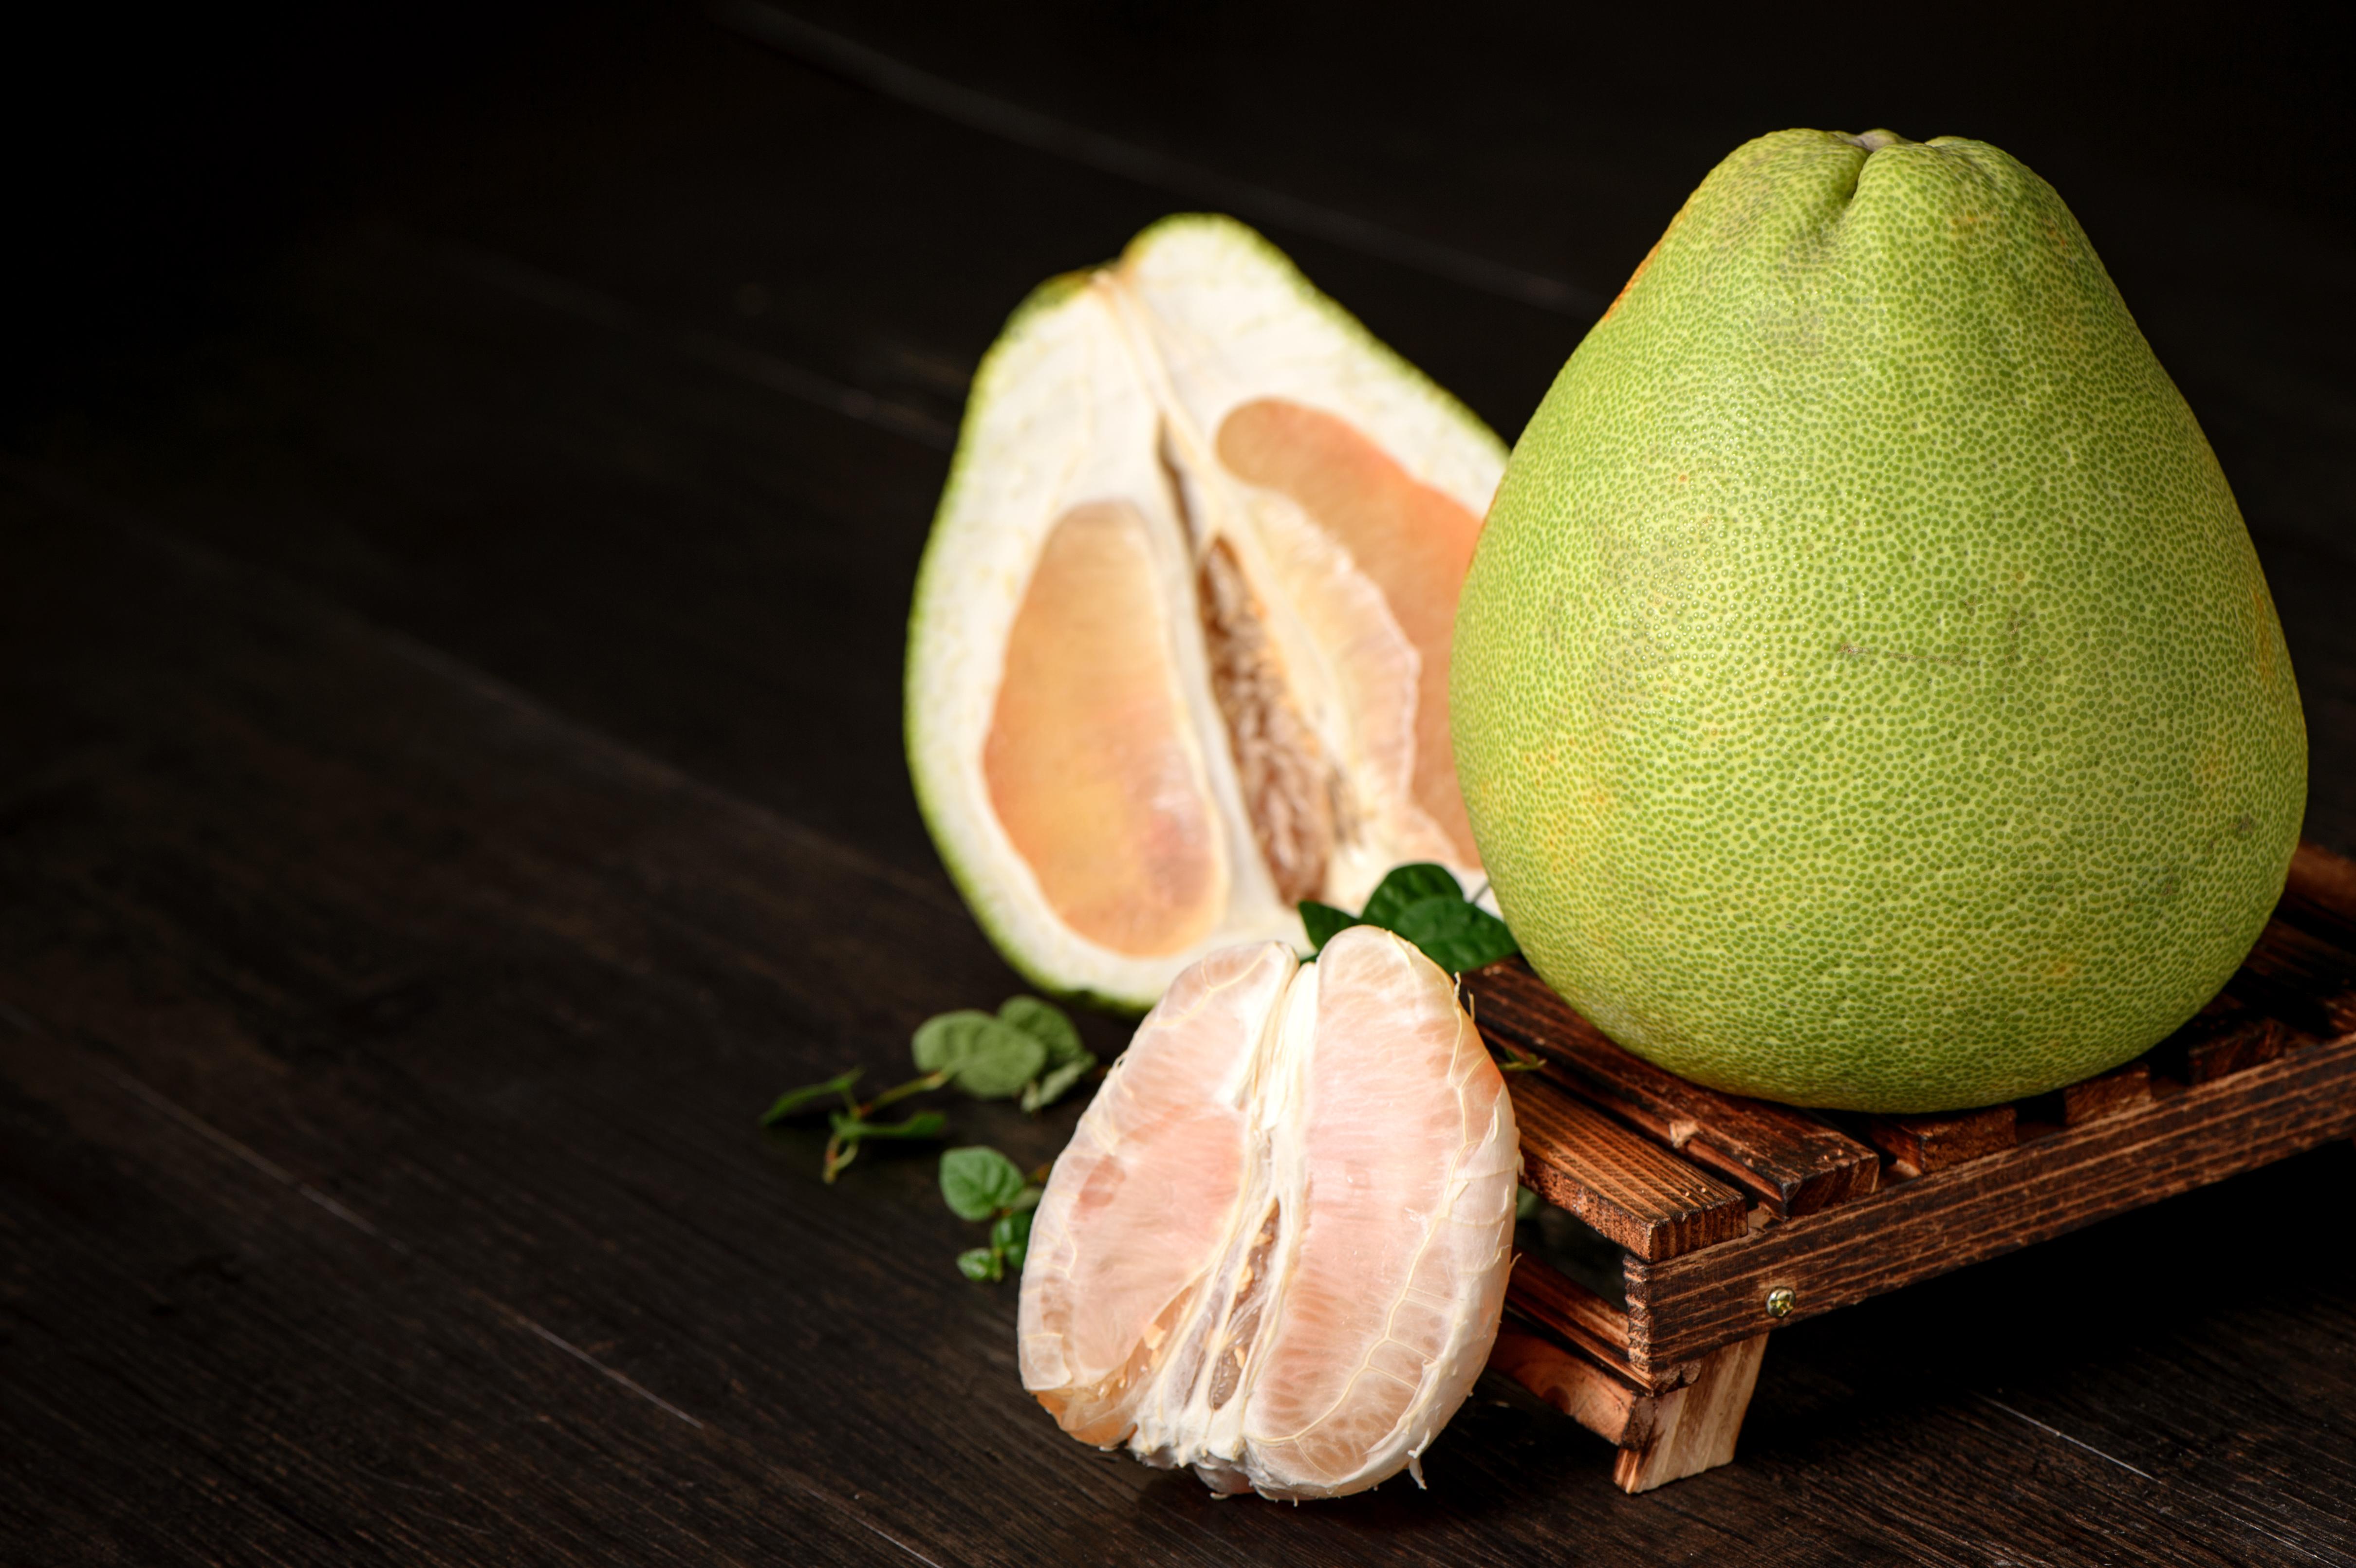 Milyen citrusfélét látsz a képen?